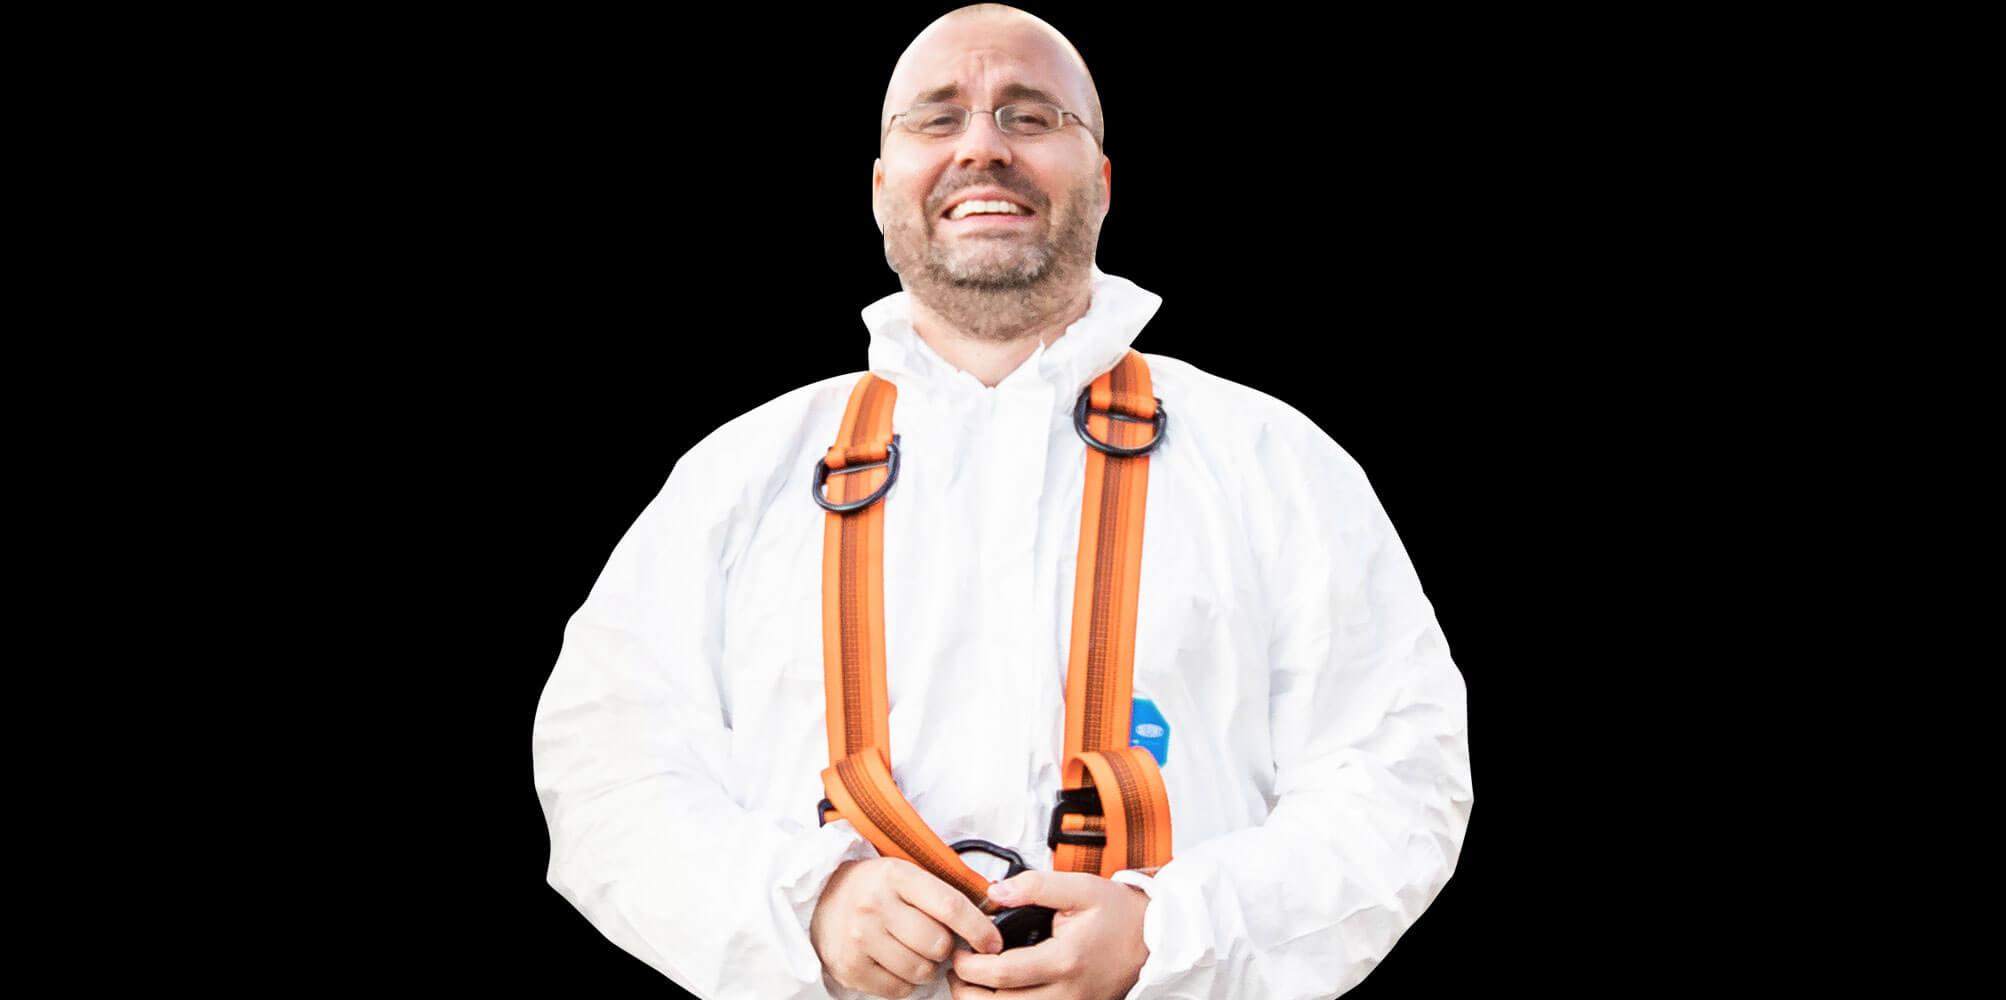 Matthias Gottwald trägt einen weißen Schutzanzug bei einem Videodreh für eine Kanalreinigungs-Firma und lacht in die Kamera.